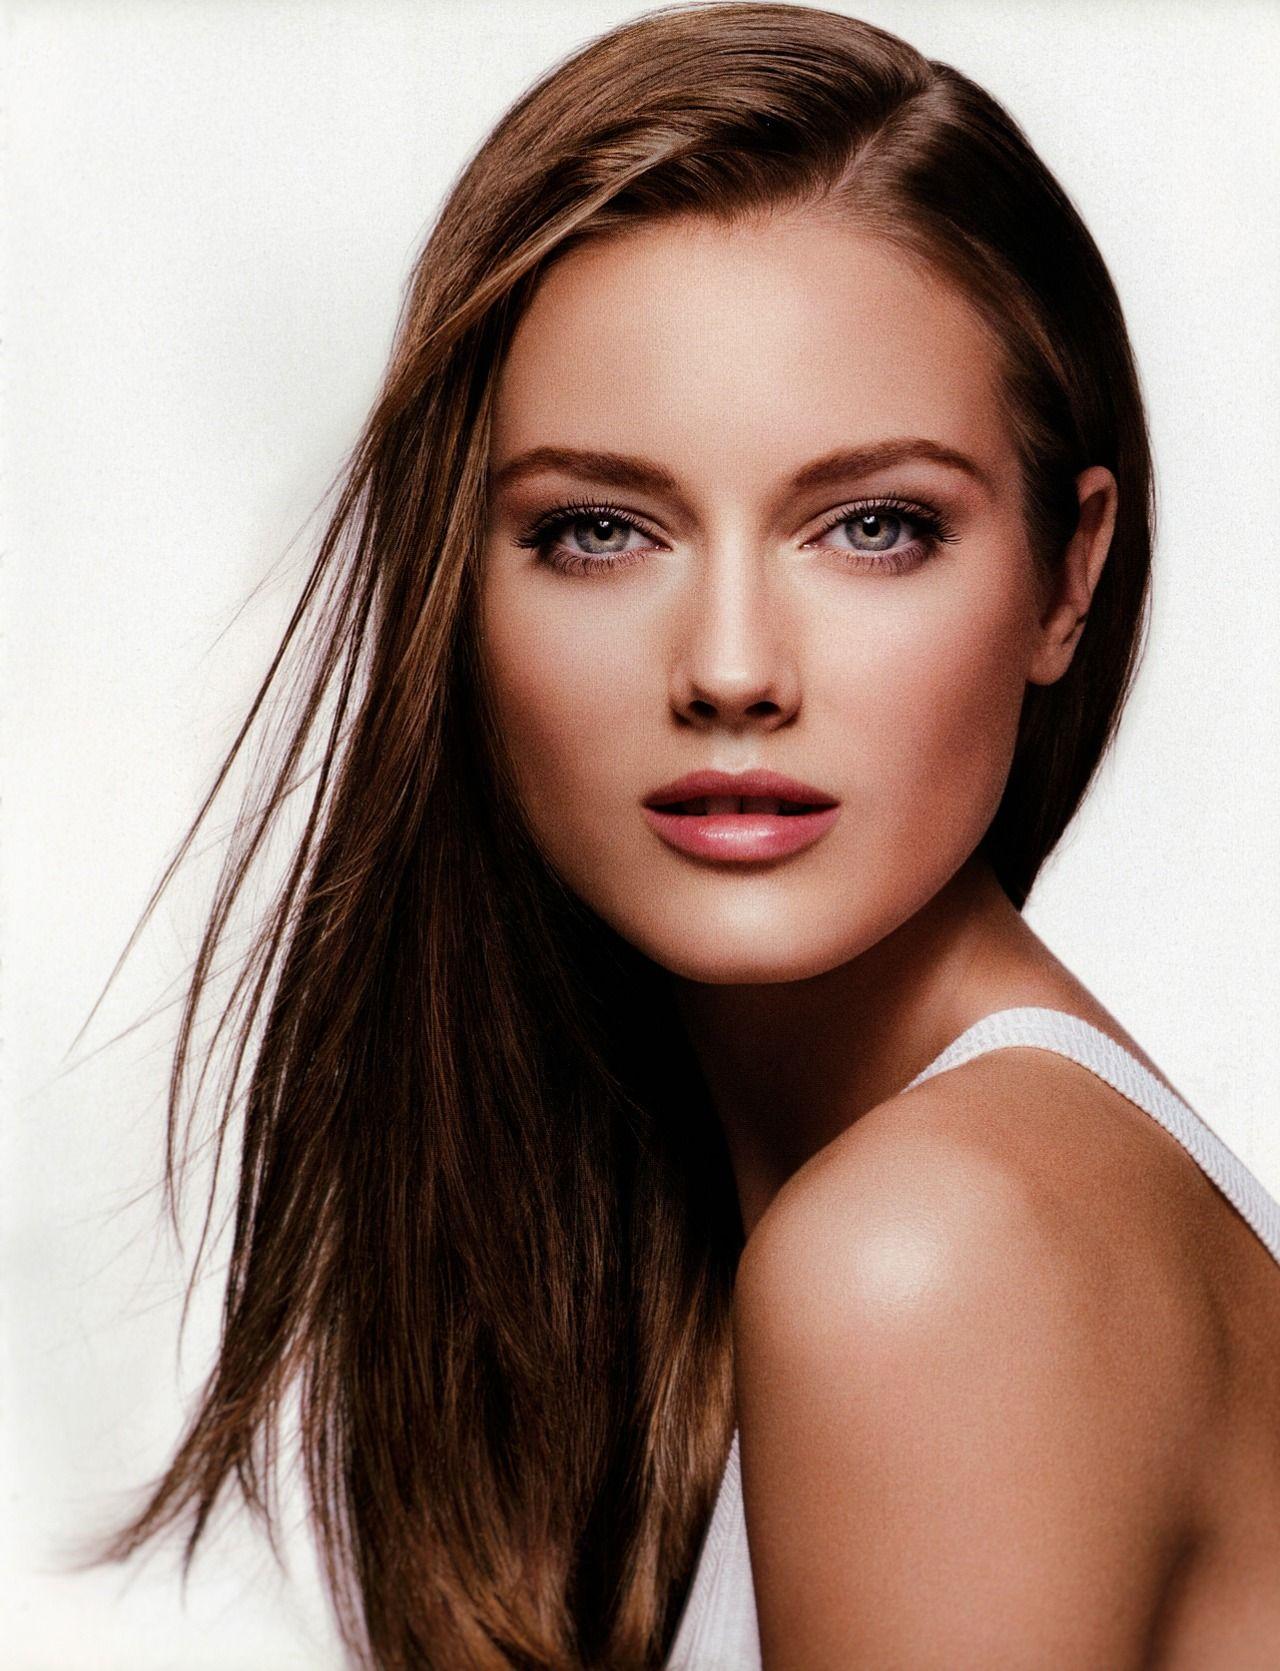 The Makeup Brush Beautiful women faces, Monika jagaciak